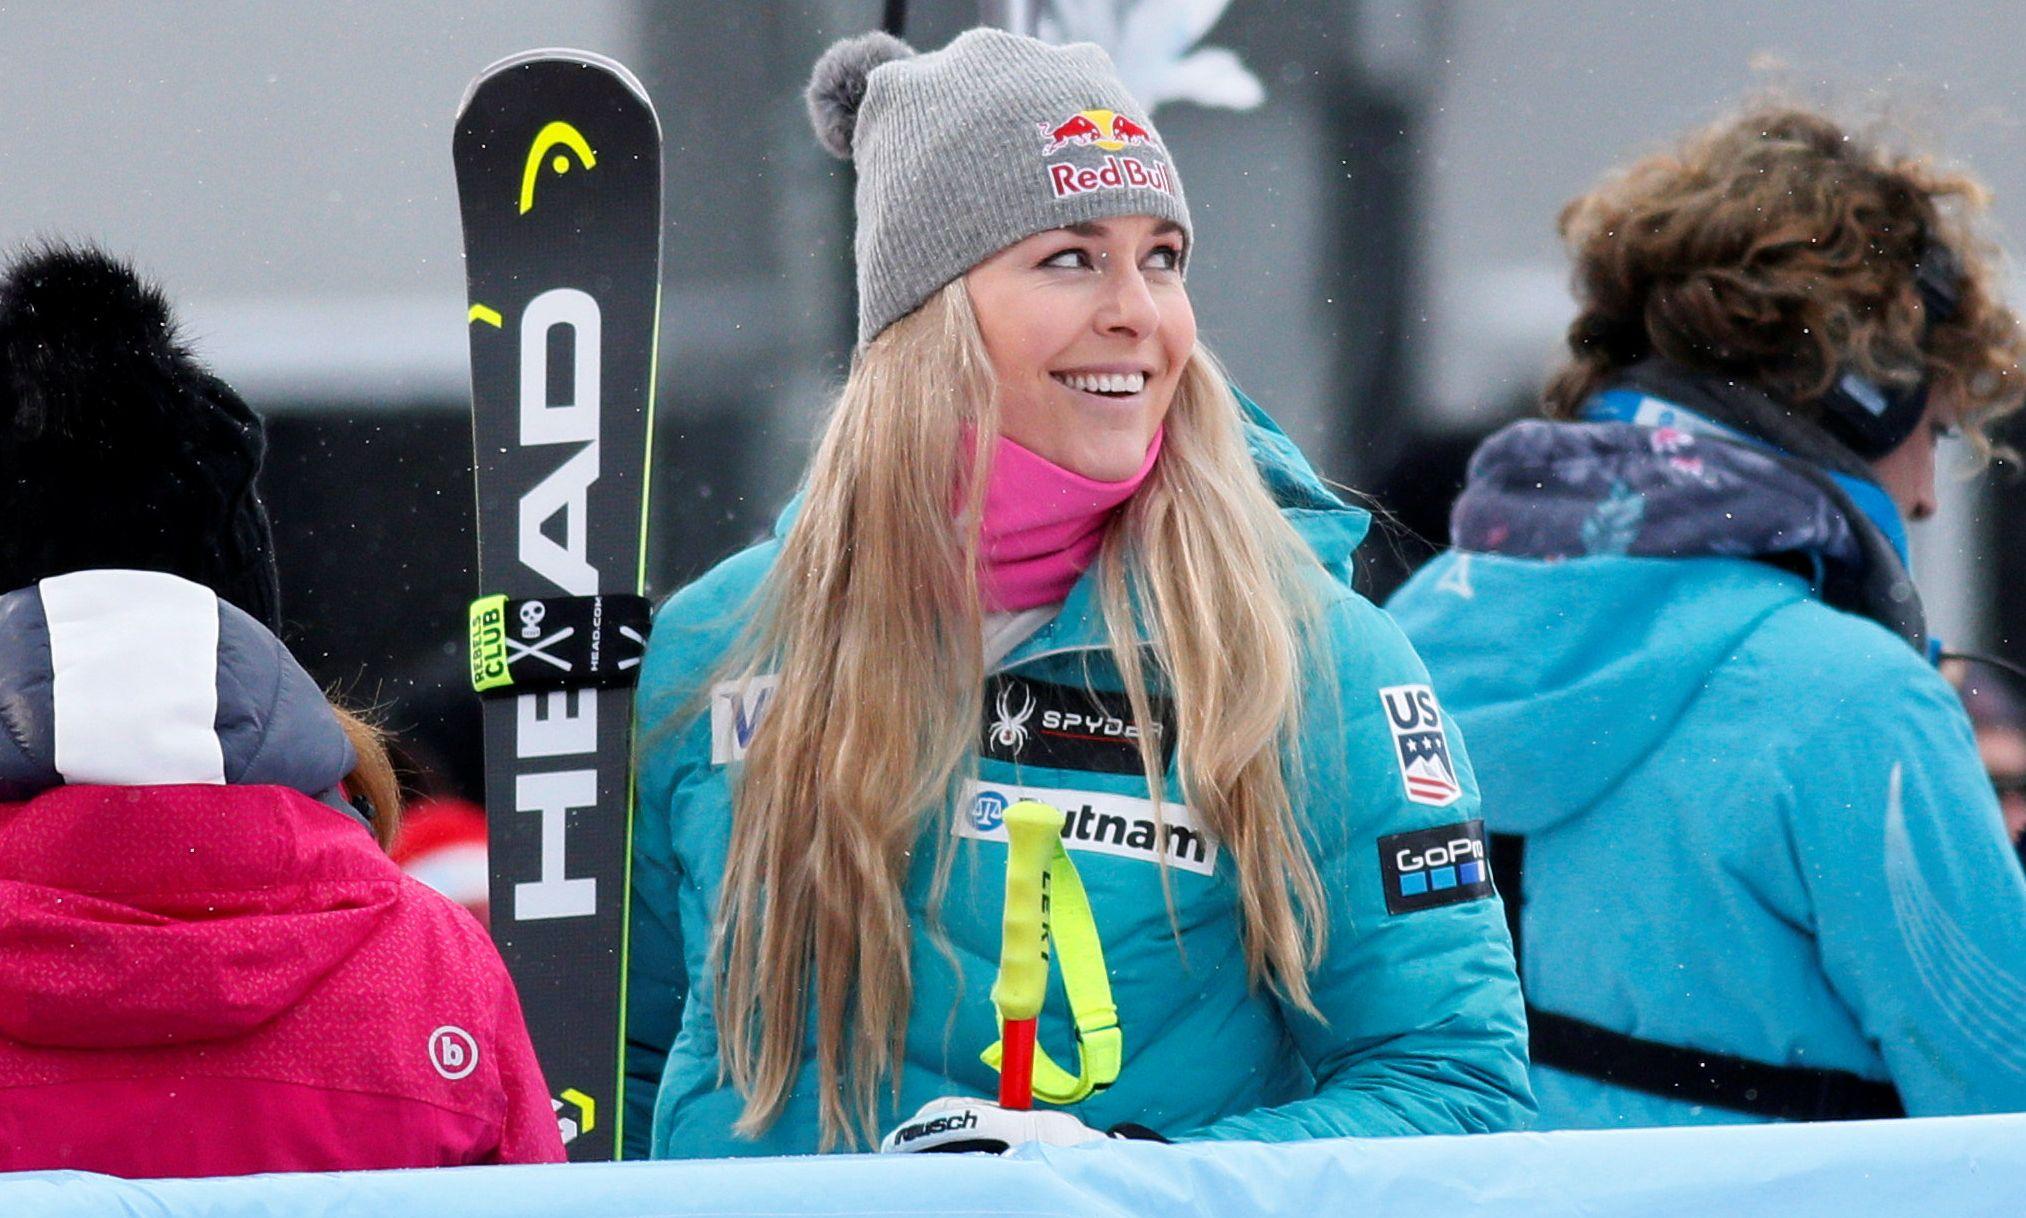 Sports d'hiver - Vonn remet les choses au clair à Val d'Isère